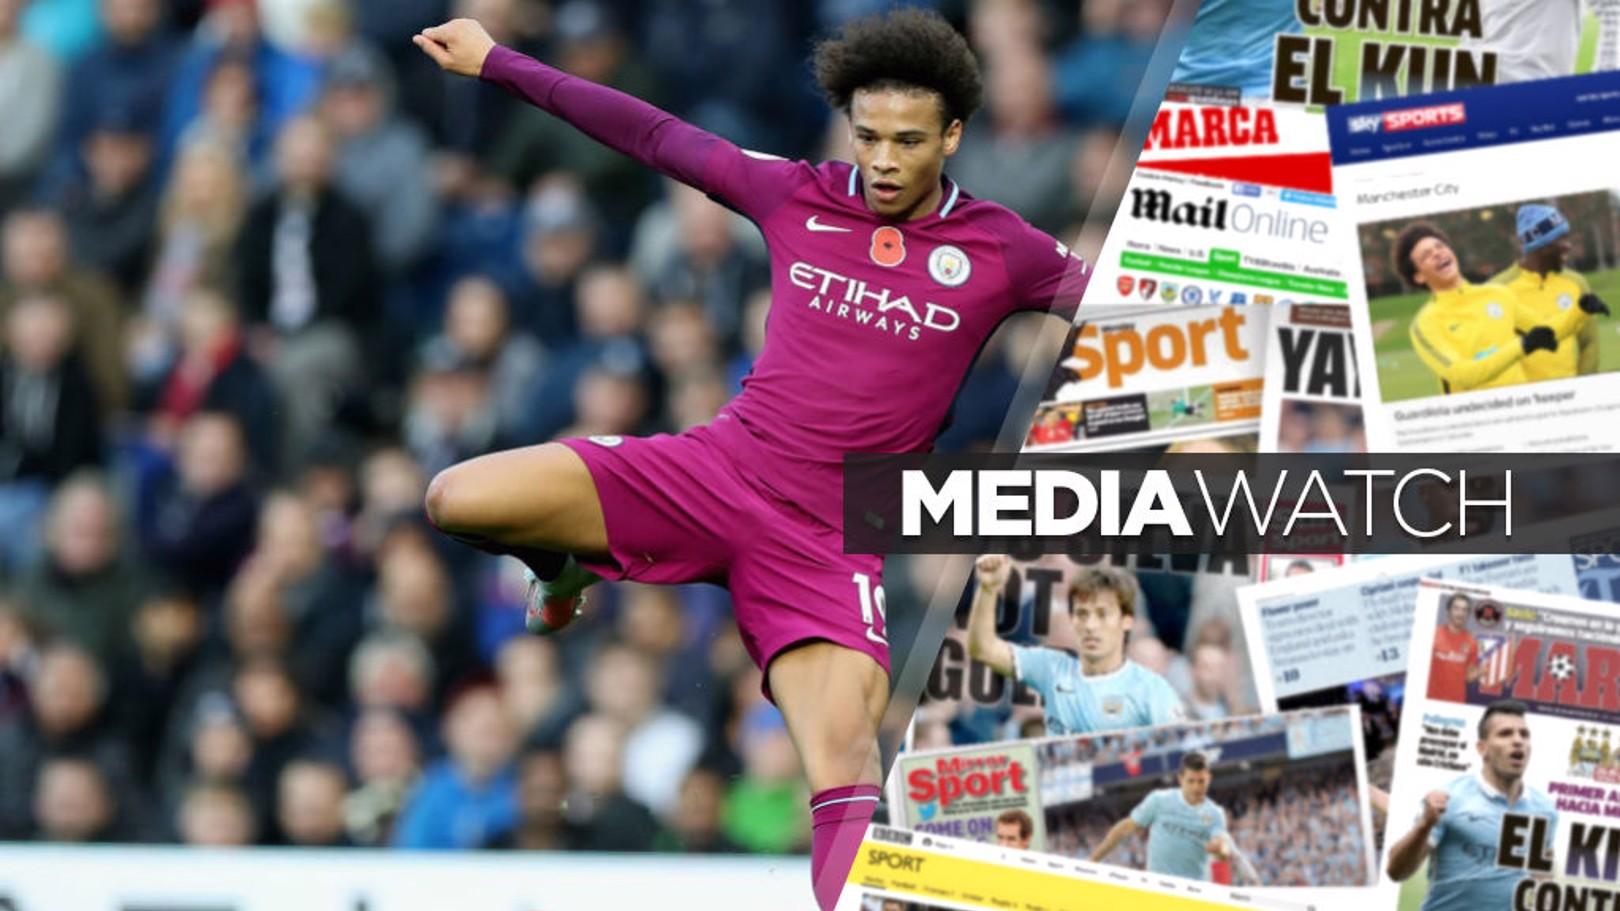 صحف اليوم توقعت تألق ليروي ساني في الدوري الإنجليزي الممتاز